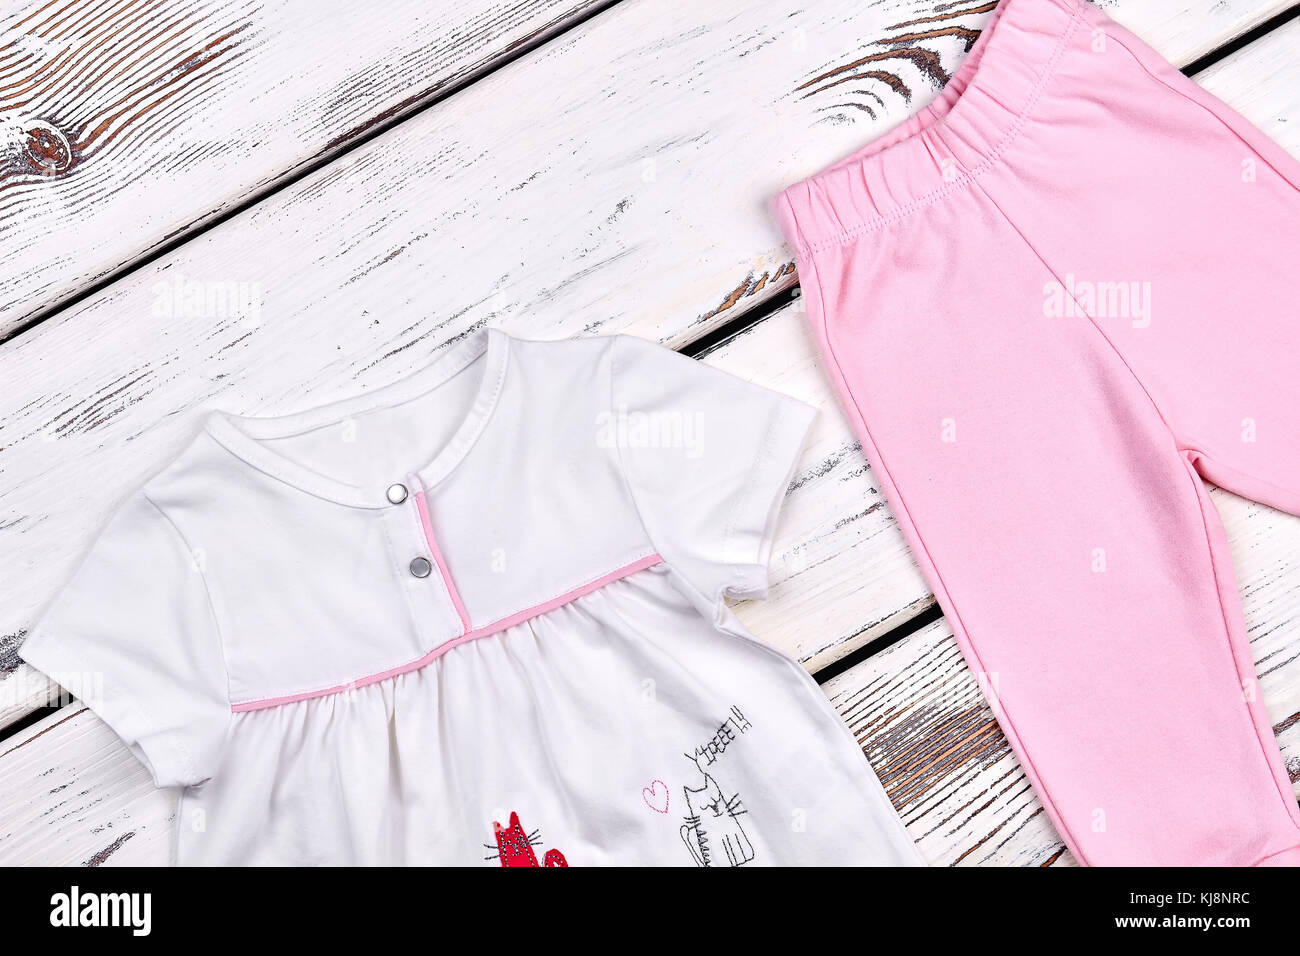 4437ff5f6 Niña Niño lindo bebé niña traje de algodón blanco hermoso top y pantalones  rosa sobre fondo